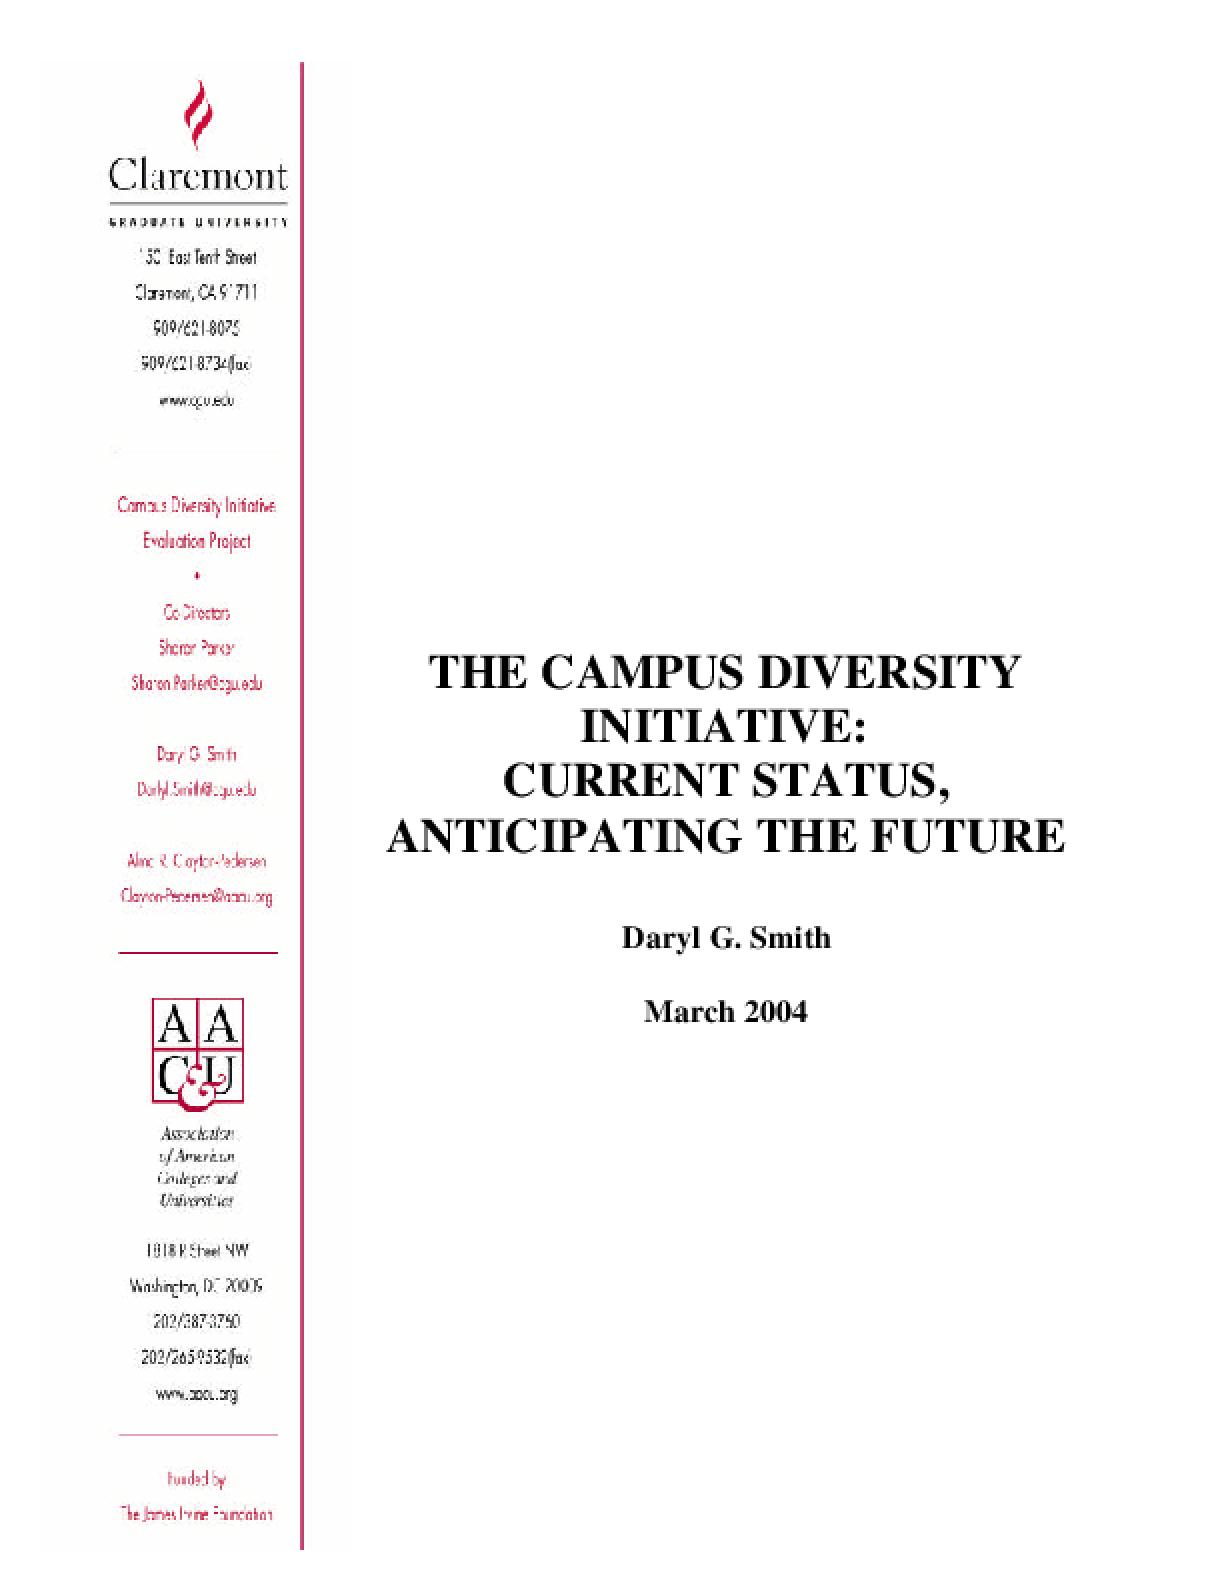 The Campus Diversity Initiative: Current Status, Anticipating the Future